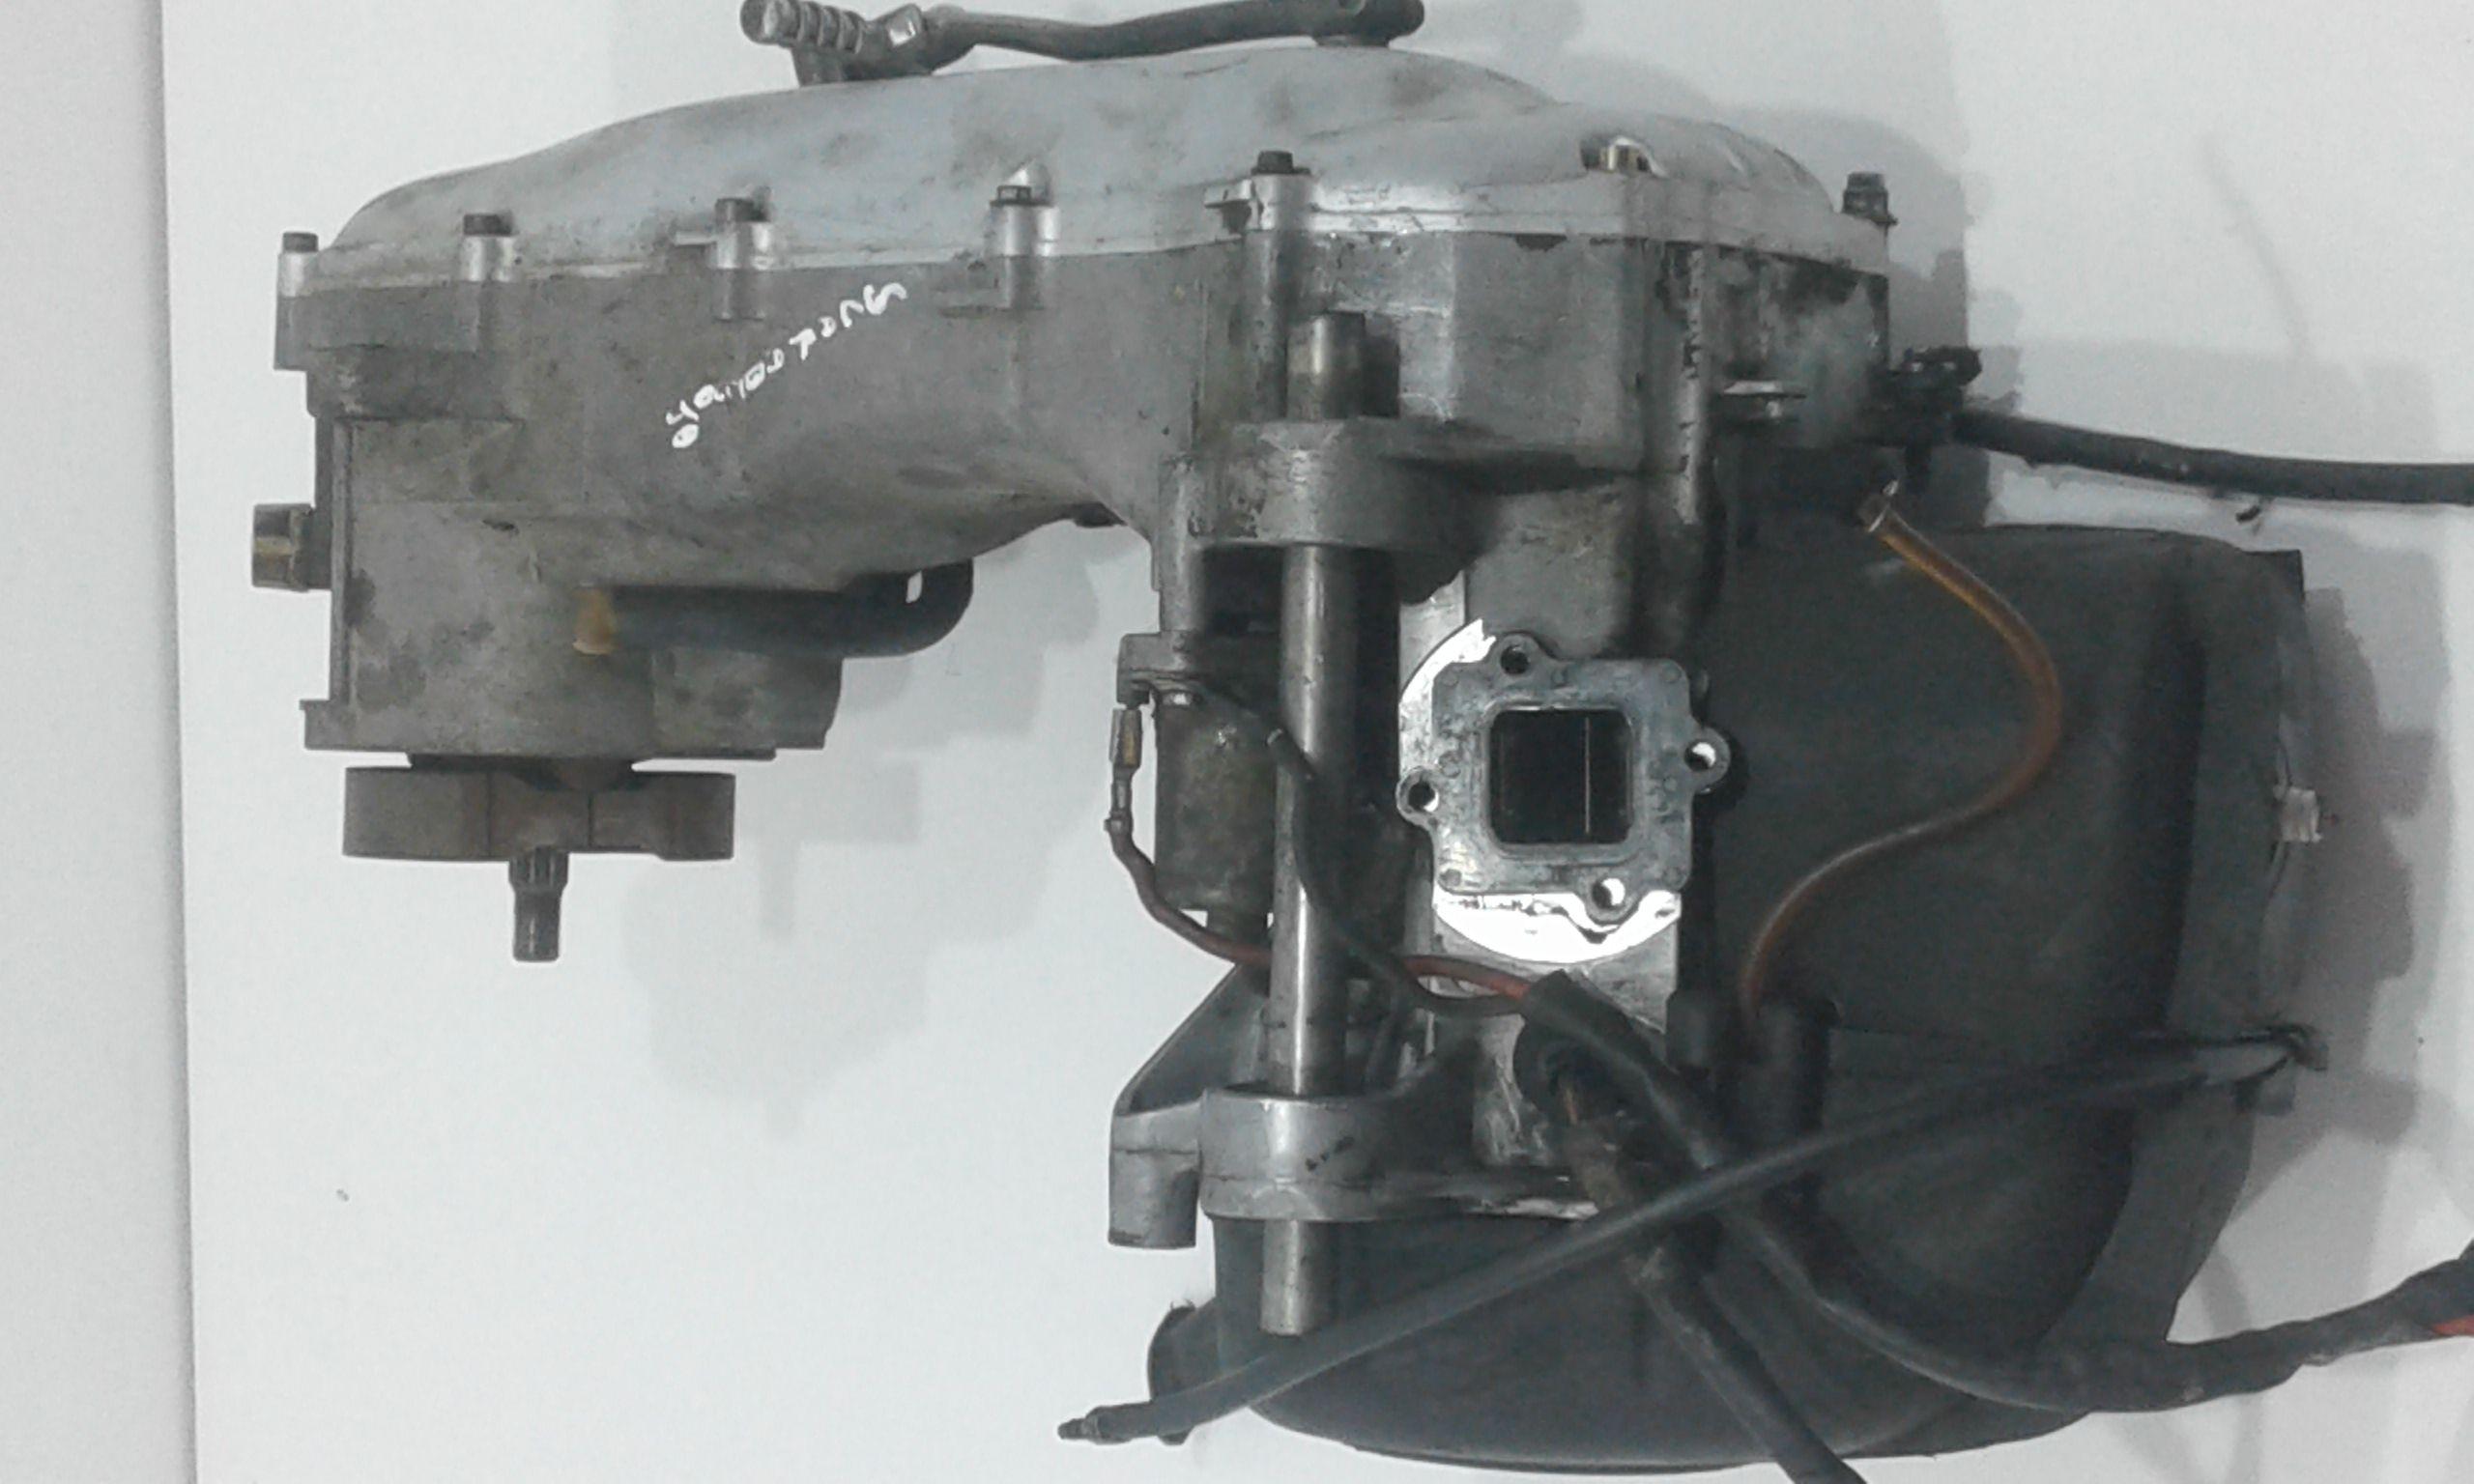 MOTORE SEMI COMPLETO Aprilia Scarabeo 50cc 2t 50 Benzina  (1999) RICAMBI USATI